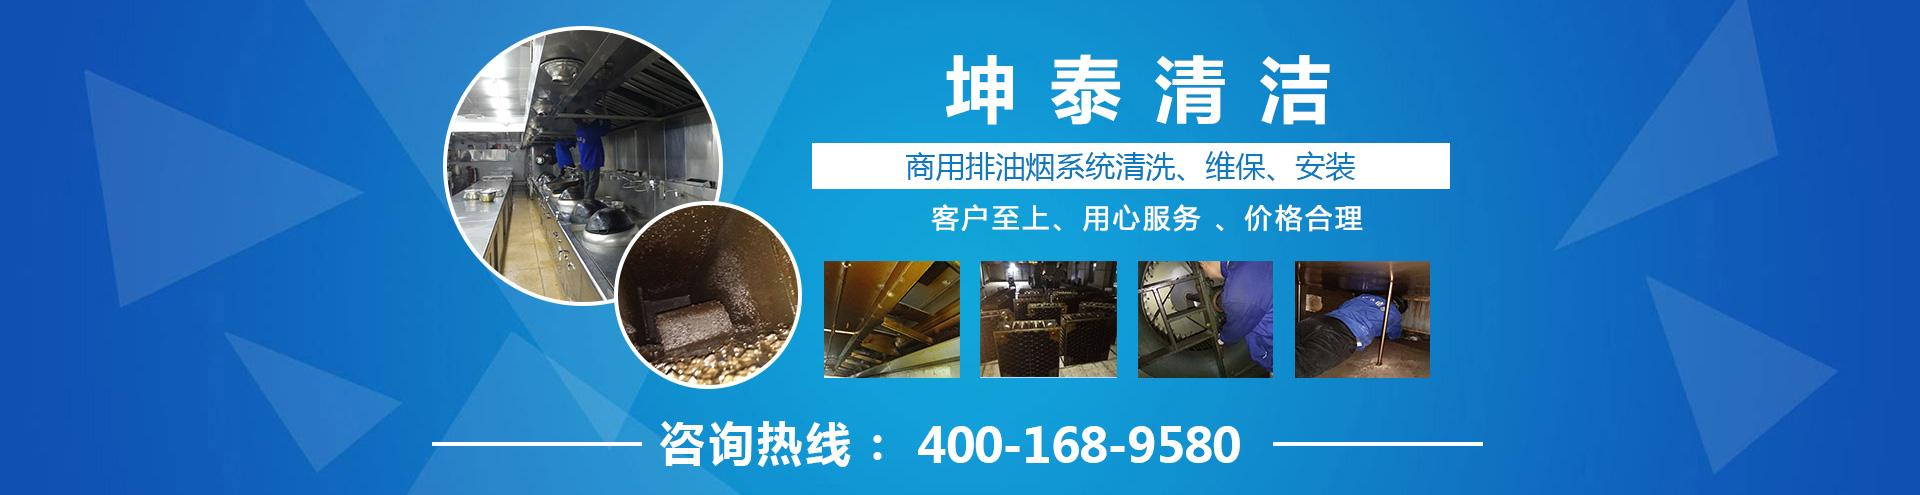 湖南油烟机清洗